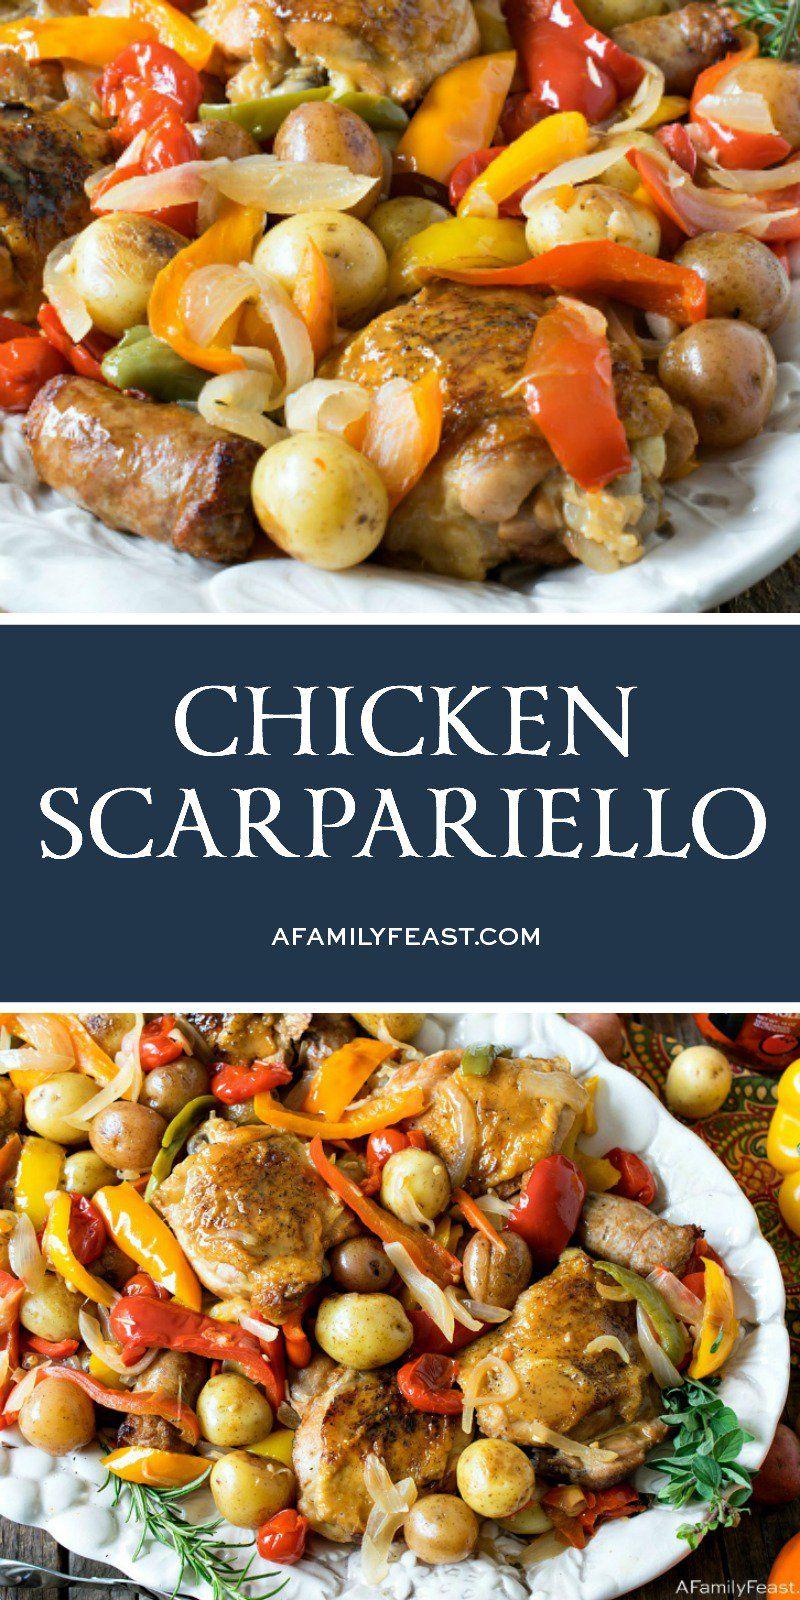 Chicken Scarpariello images